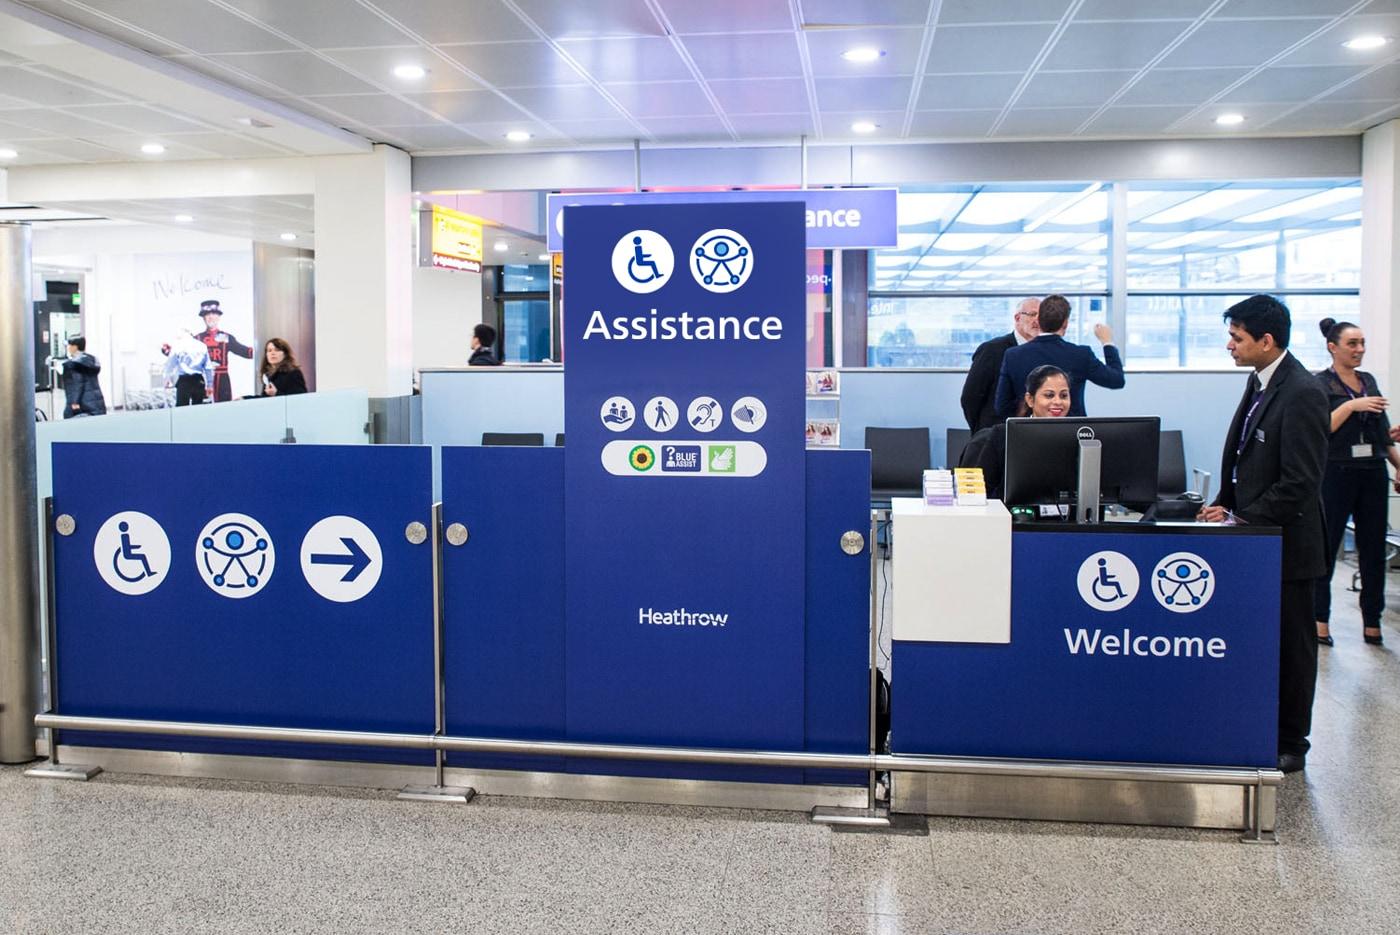 Heathrow Assistance